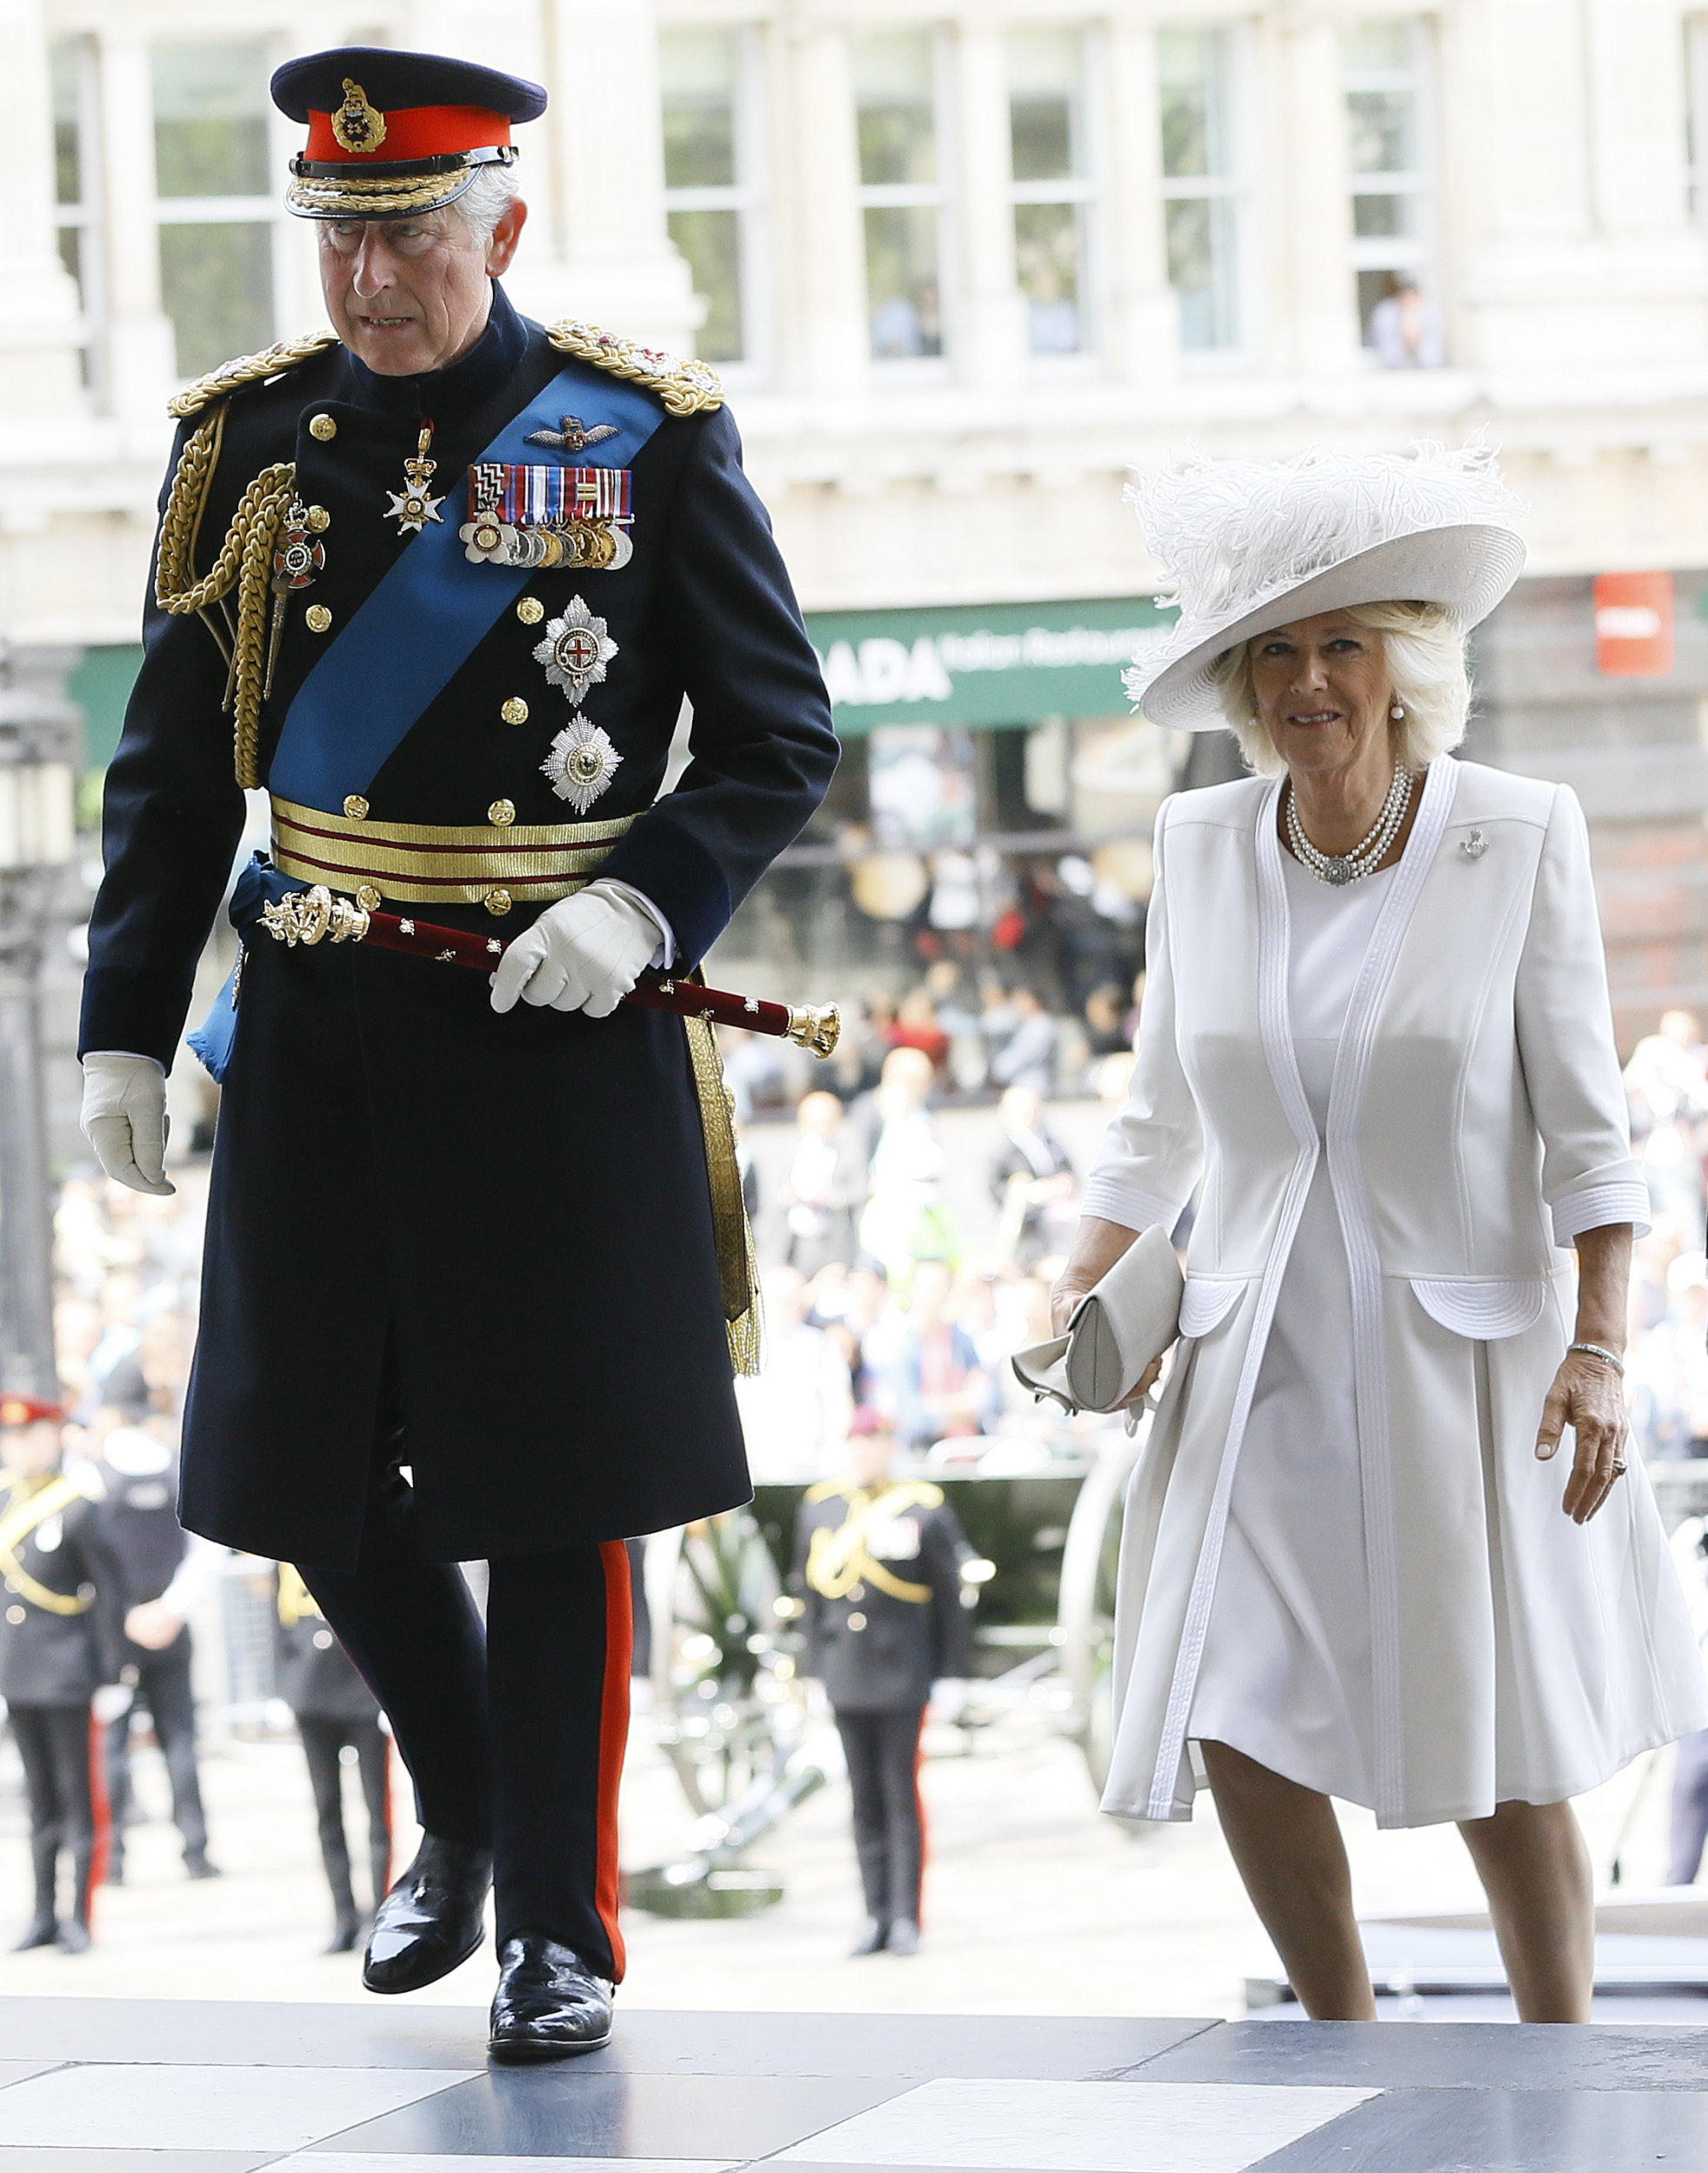 Casa Real de Gran Bretaña e Irlanda del Norte. - Página 8 23332466